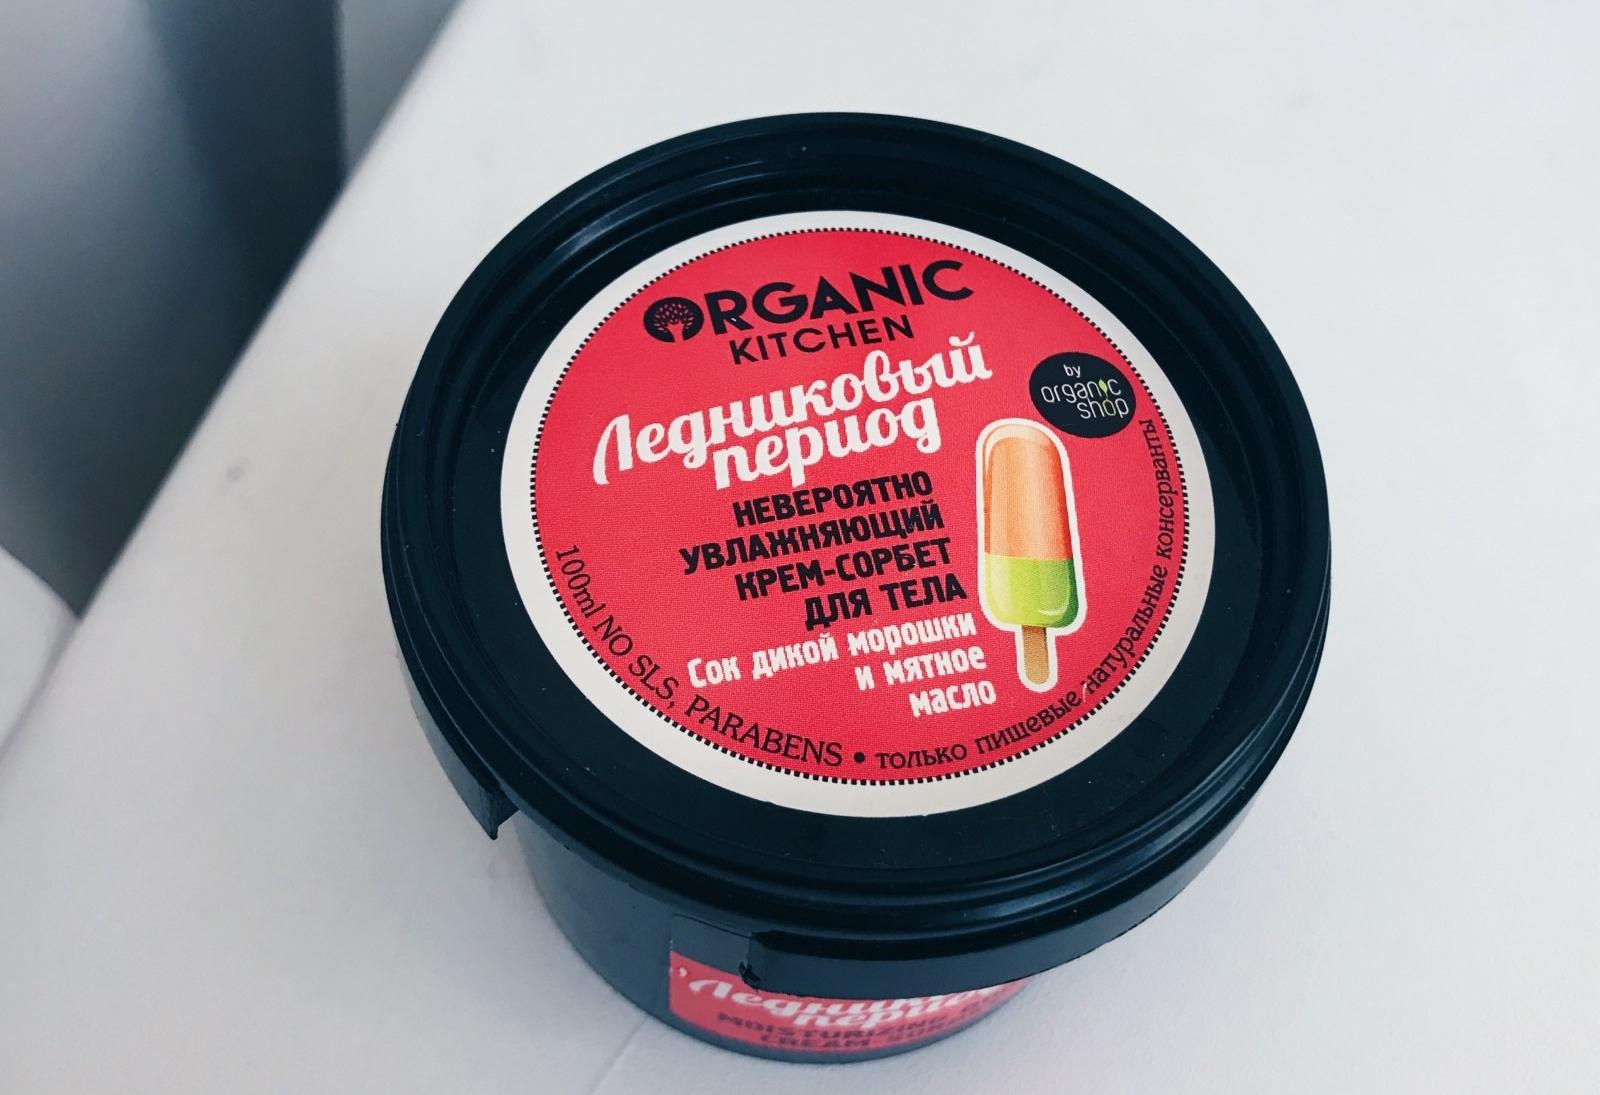 увлажняющий крем-сорбет для тела Organic Kitchen «Ледниковый период»